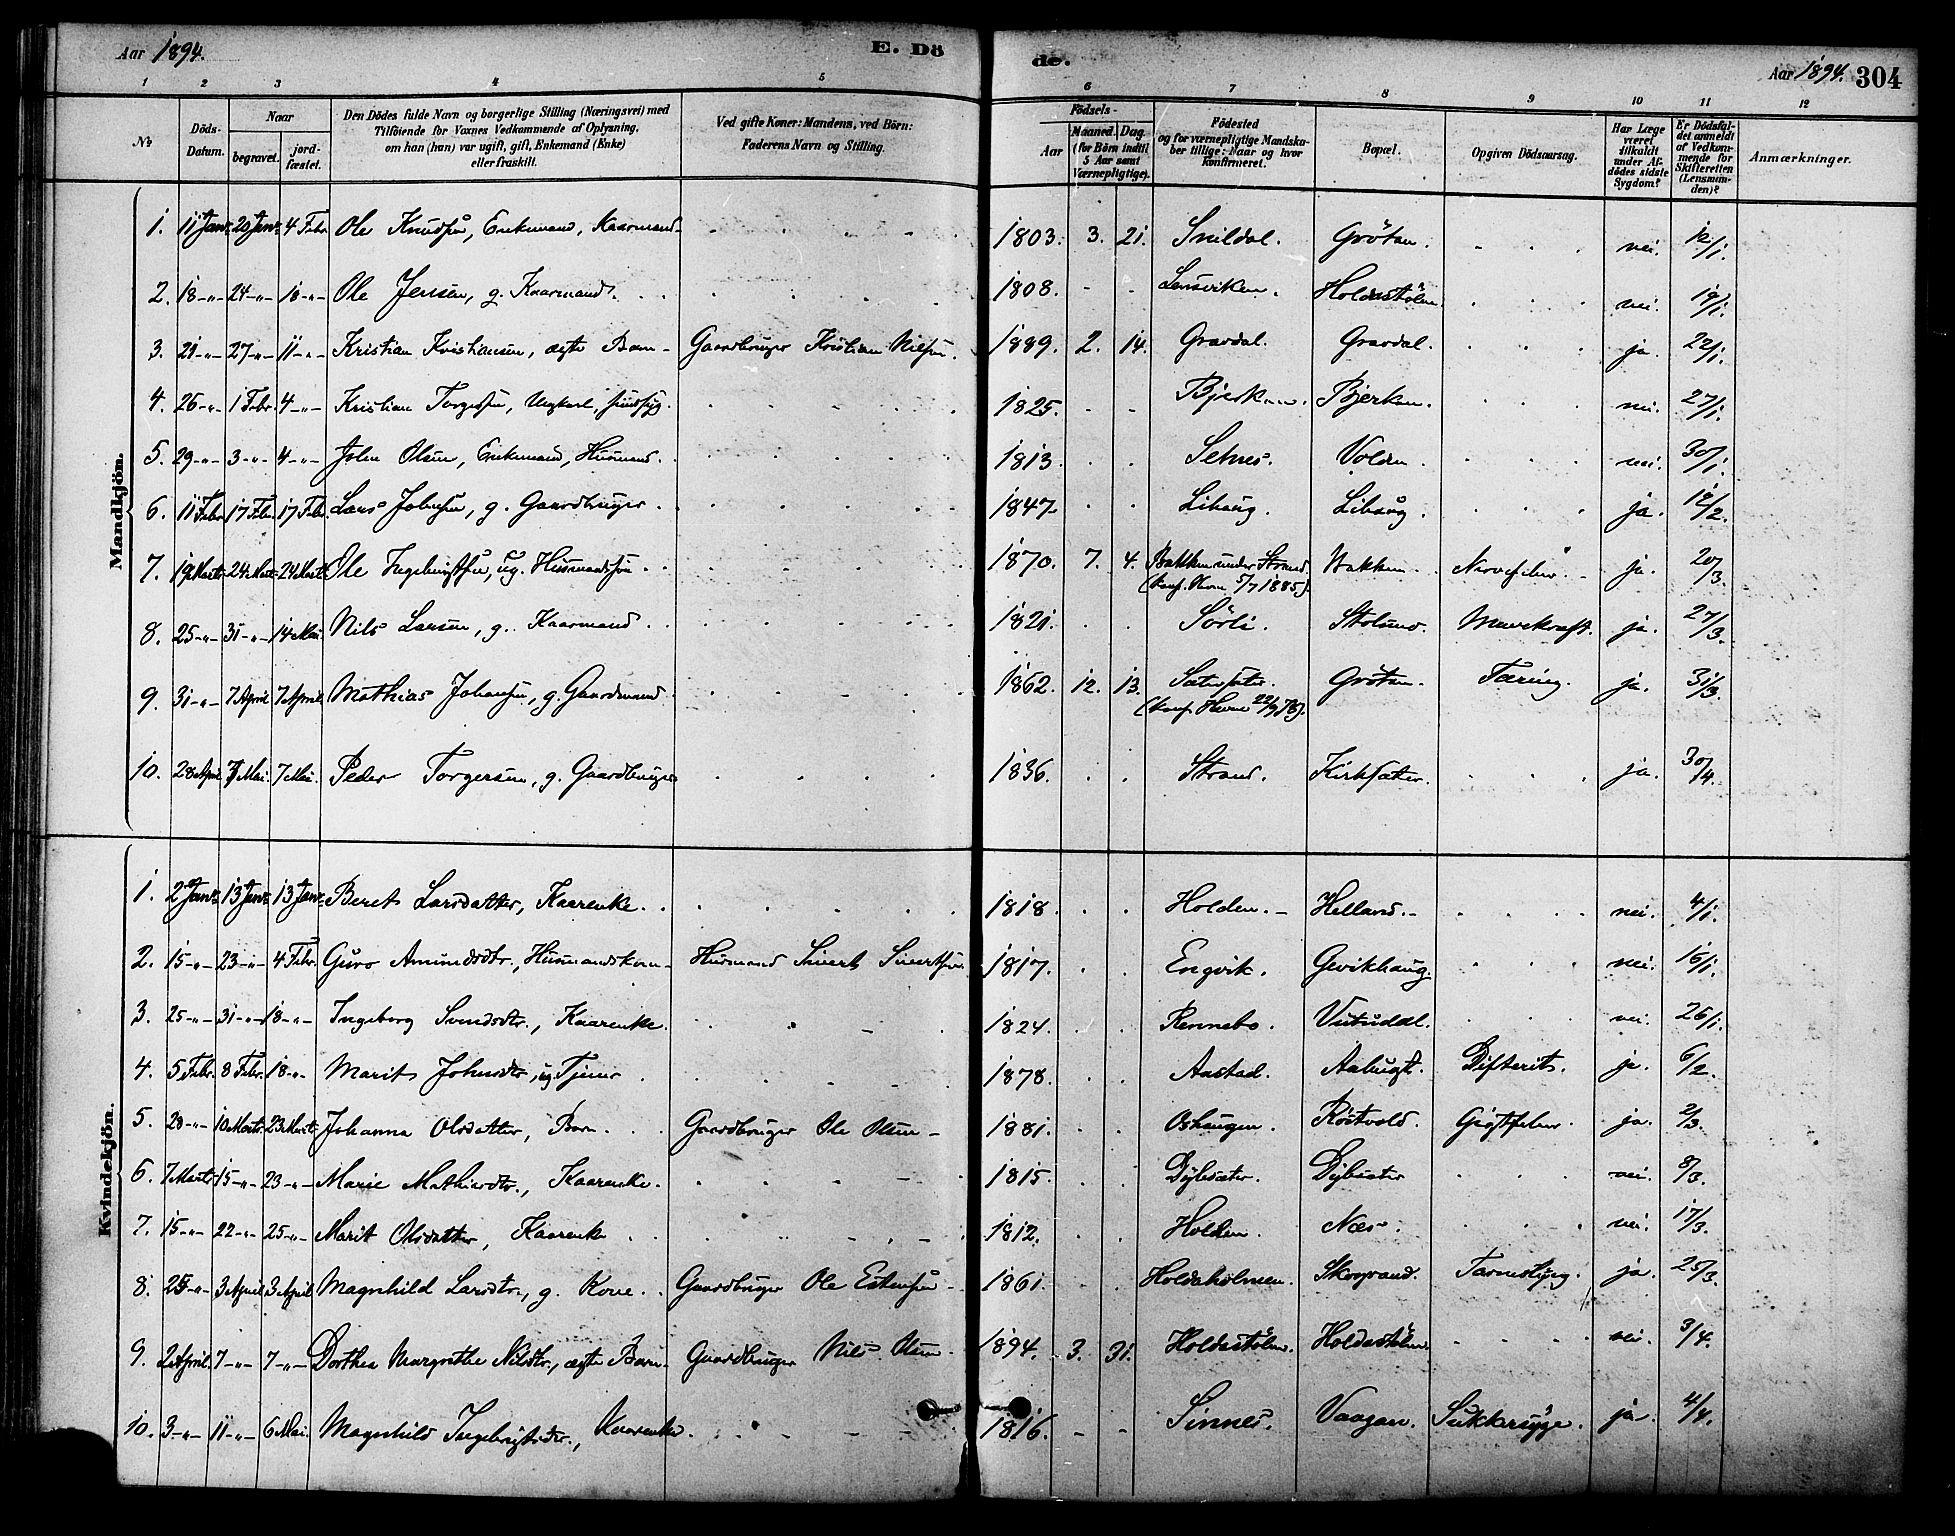 SAT, Ministerialprotokoller, klokkerbøker og fødselsregistre - Sør-Trøndelag, 630/L0496: Ministerialbok nr. 630A09, 1879-1895, s. 304